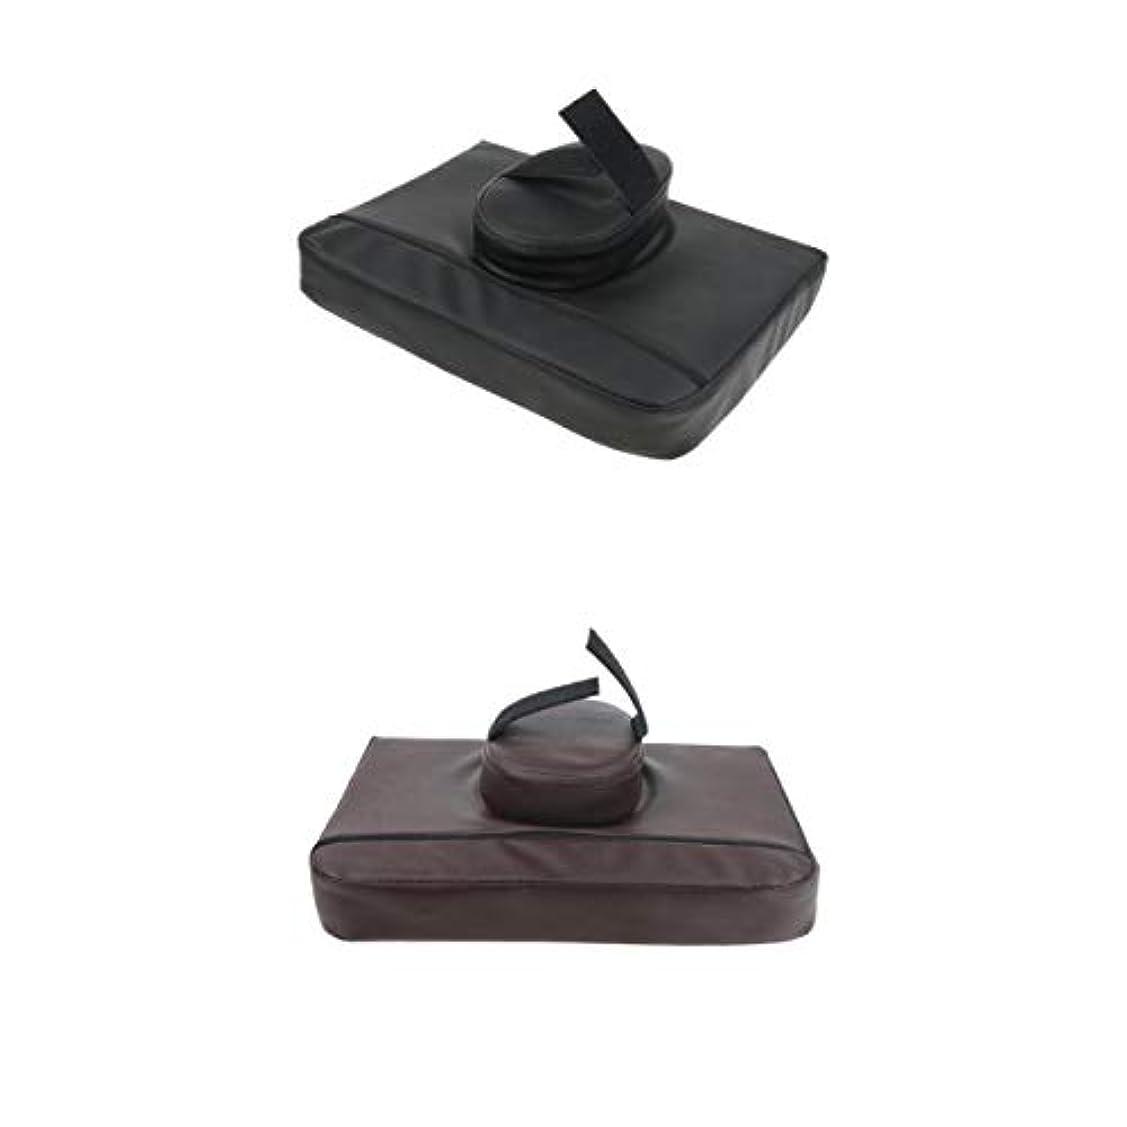 虫に向けて出発敬意マッサージクッション マッサージ枕 マッサージピロー スクエア マッサージテーブル用 通気性 2個入